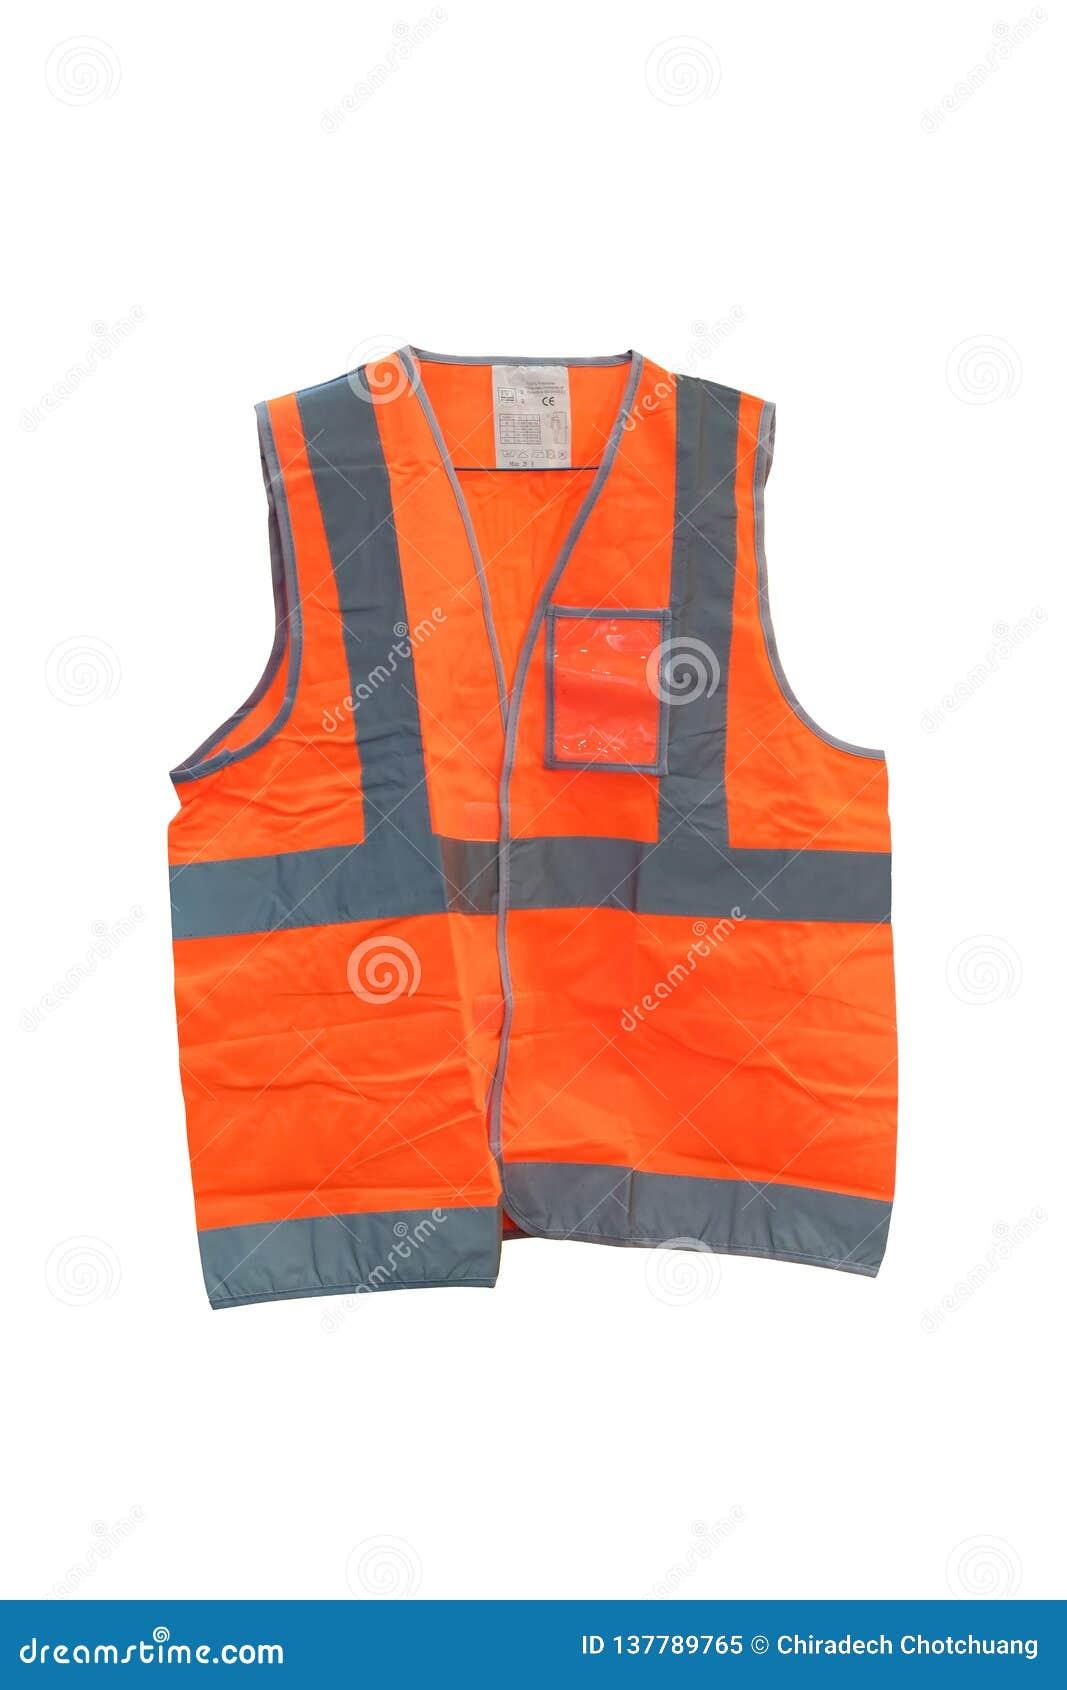 Het fluorescente oranje vest met weerspiegelende stroken, wordt Vest gemaakt van polyesterstof